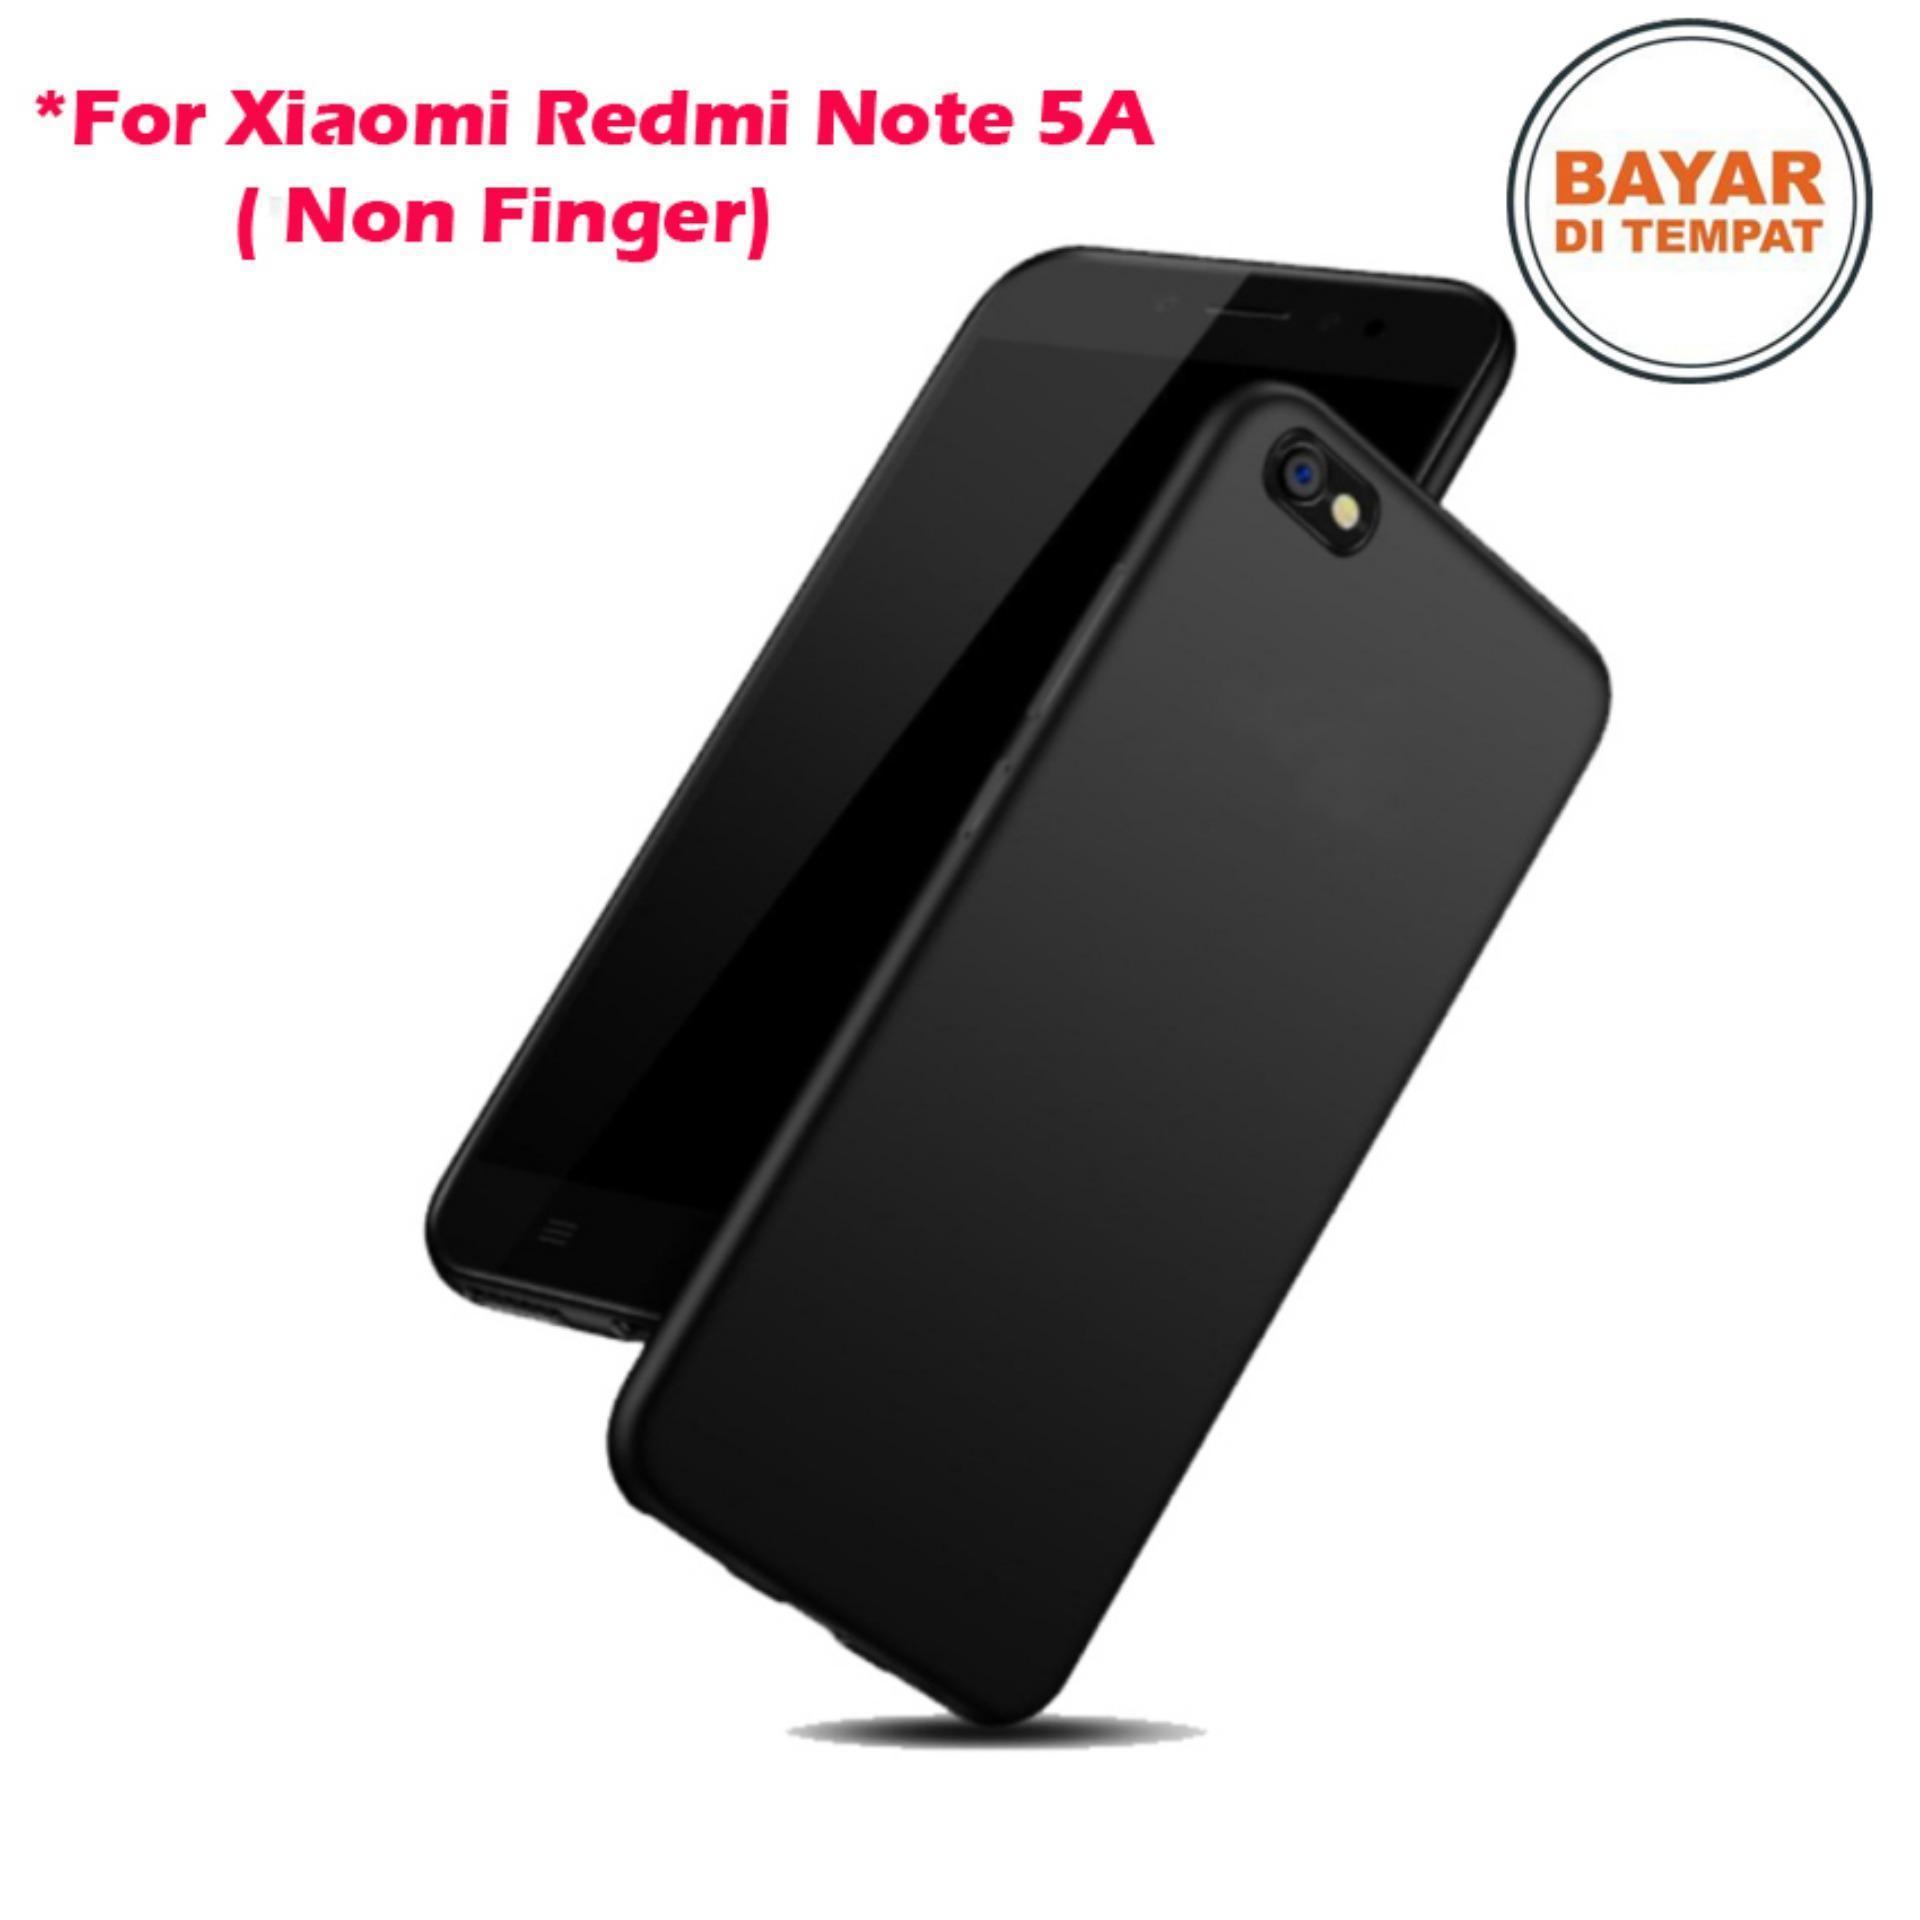 Case Anti Shock Xiaomi Redmi Note 5A Ultrathin Anti Crack Elegant Softcase Anti Jamur Air Case 0.3mm / Silicone Xiaomi Redmi Note 5A / Note 5 A / Soft Case / Silikon Anti Crack / Case Hp - Slim Black Matte